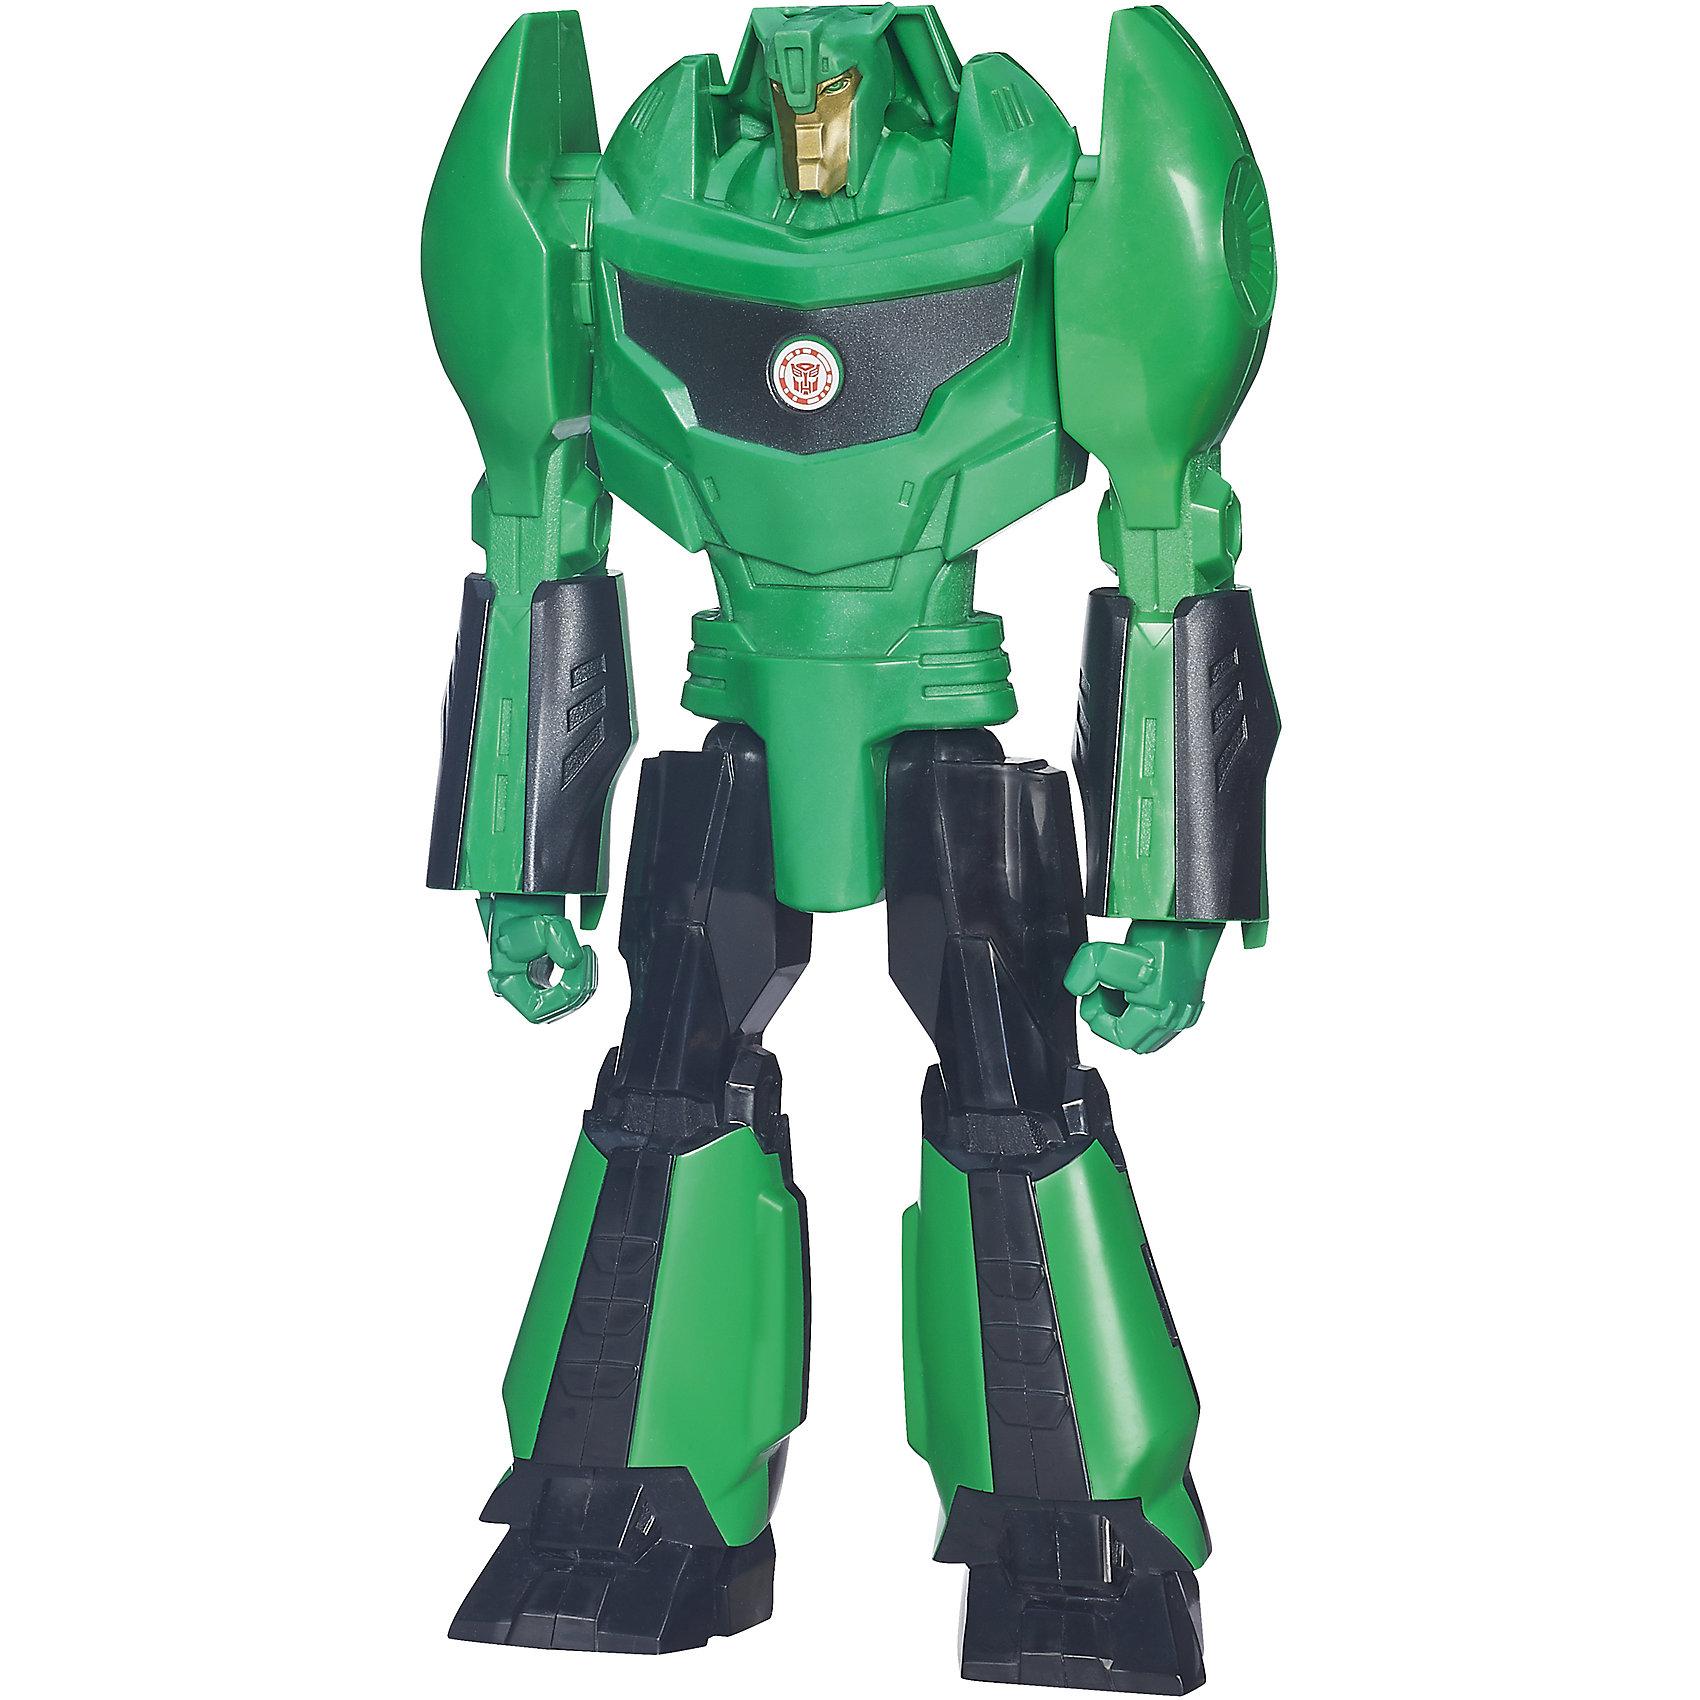 Титан: Роботы под прикрытием, 30 см, Трансформеры, B0760/B4677Игрушки<br>Титанs: Роботы под прикрытием, 30 см, Трансформеры, B0760/B4677.<br><br>Характеристики:<br><br>- В наборе: 1 трансформер<br>- Высота фигурки: 30 см.<br>- Материал: высококачественный пластик<br>- Размер упаковки: 17,5х5х30,5 см.<br><br>Робот-трансформер Гримлок от Hasbro (Хасбро) выполнен по мотивам популярного мультфильма «Роботы под прикрытием». Это очень качественная, тщательно детализированная коллекционная фигурка, которая и с точностью копирует персонажа мультфильма. У робота подвижны руки и ноги. Гримлок не трансформируется в машинку, его главная особенность заключается в том, что на груди робота расположен QR-код. Отсканировав код, вы получите множество дополнительных функций и вариантов игры в бесплатном приложении Hasbro Robots in Disguise для смартфонов и планшетов. Игрушка выполнена из высококачественного пластика и покрыта красками на водной основе. С такой замечательной фигуркой ваш ребенок будет увлеченно играть, придумывая новые истории, совершая невероятные миссии, попадая в захватывающие приключения!<br><br>Фигурку Титан: Роботы под прикрытием, 30 см, Трансформеры, B0760/B4677 можно купить в нашем интернет-магазине.<br><br>Ширина мм: 49<br>Глубина мм: 172<br>Высота мм: 800<br>Вес г: 424<br>Возраст от месяцев: 48<br>Возраст до месяцев: 144<br>Пол: Мужской<br>Возраст: Детский<br>SKU: 5064673